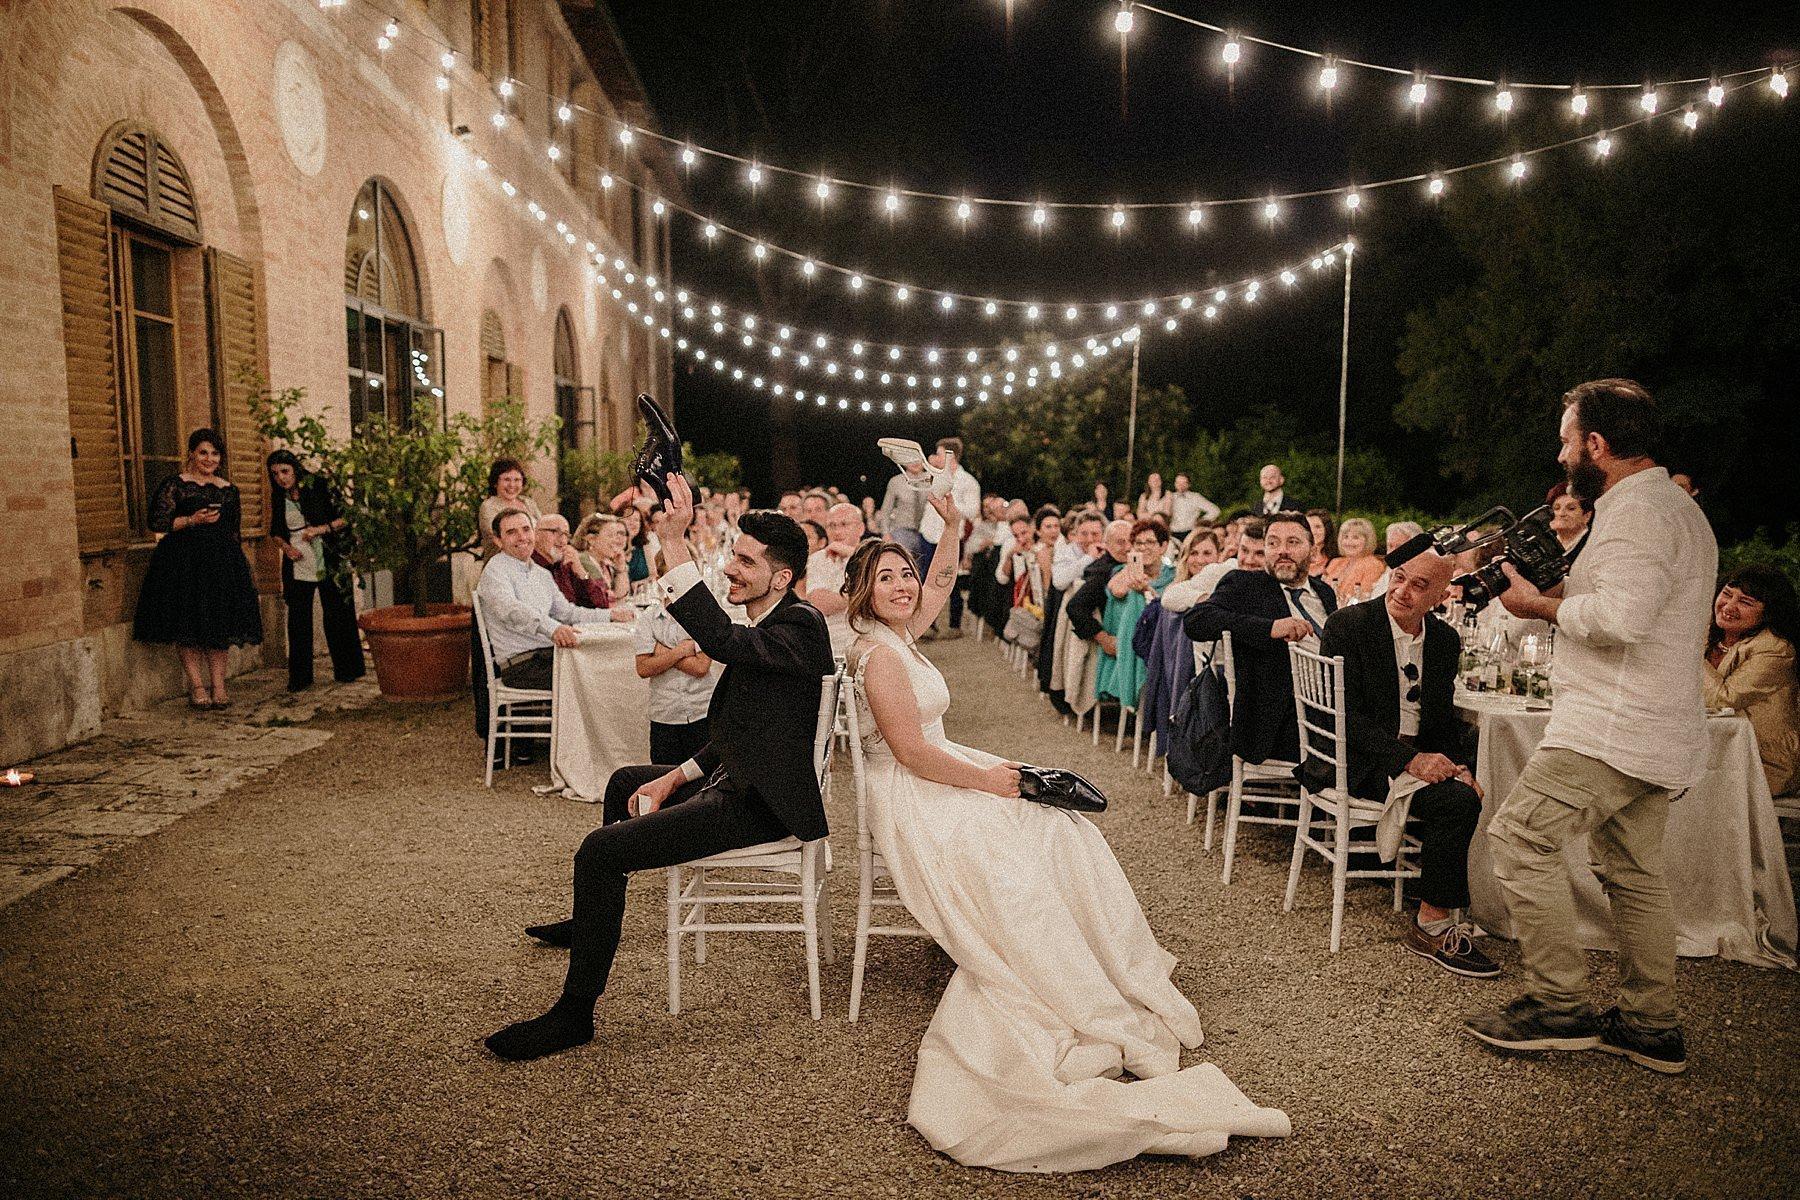 matrimonio tenuta bichi borghesi monteriggioni 3064